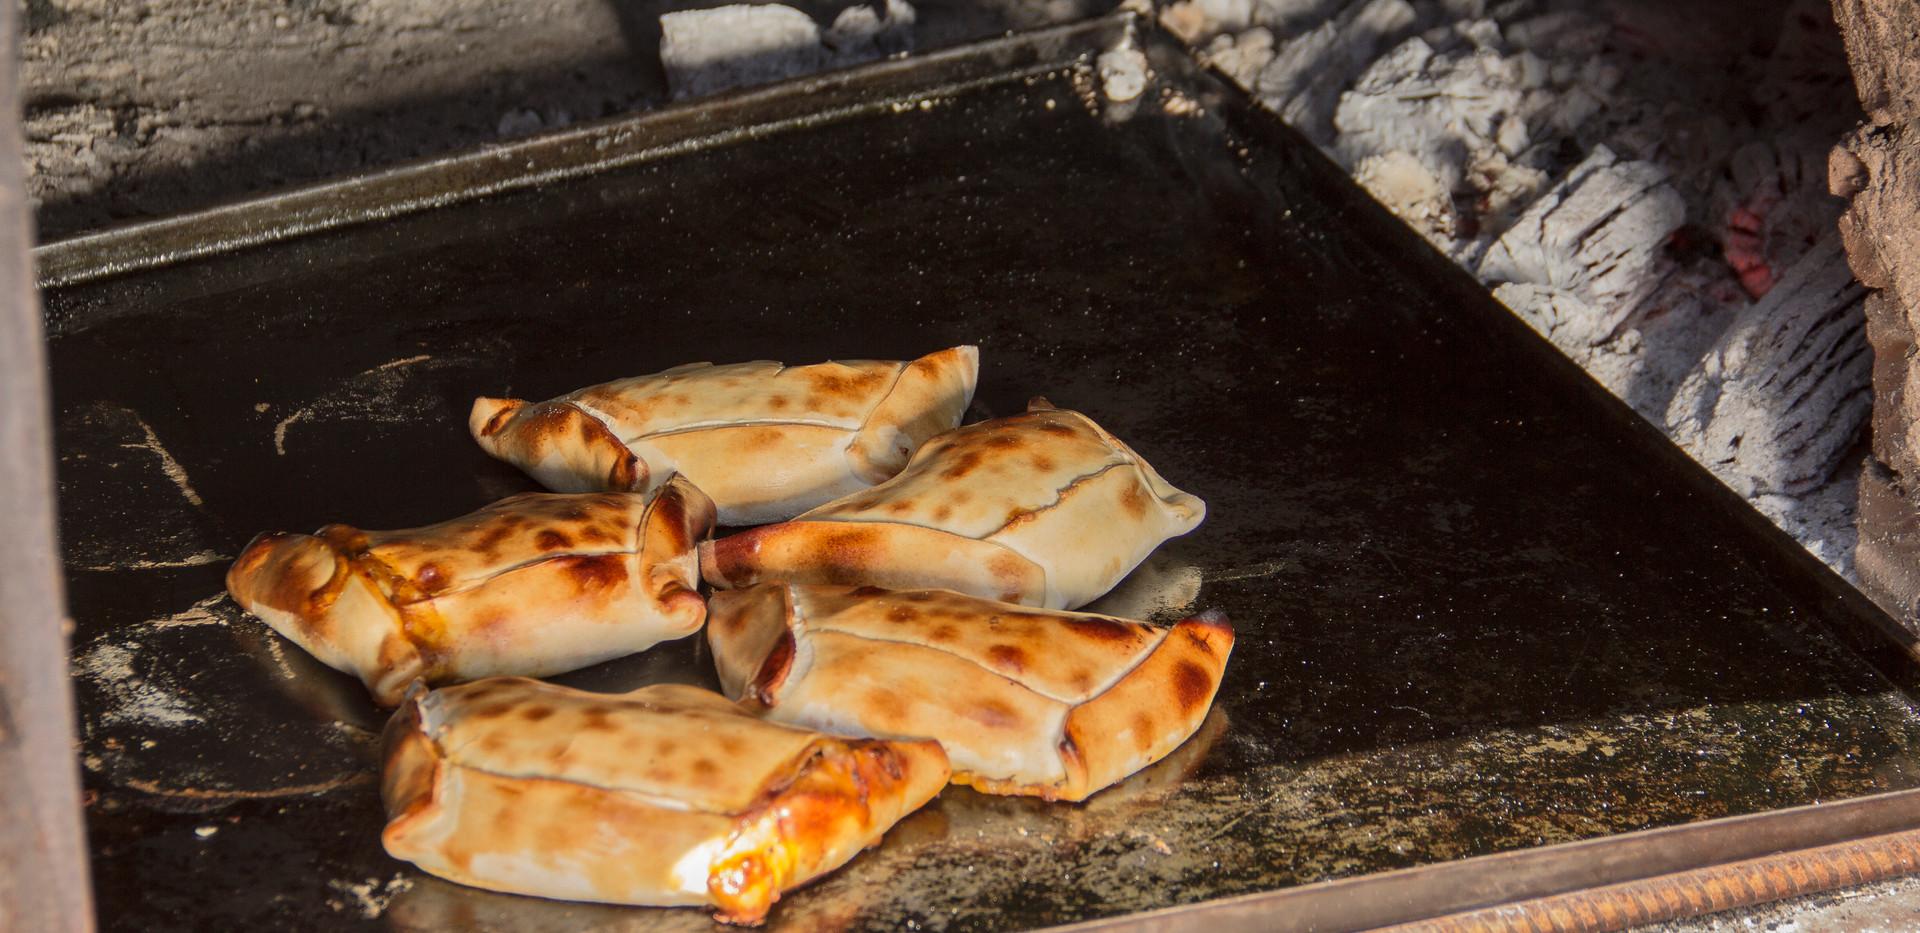 Empanadas en Horno 1.JPG